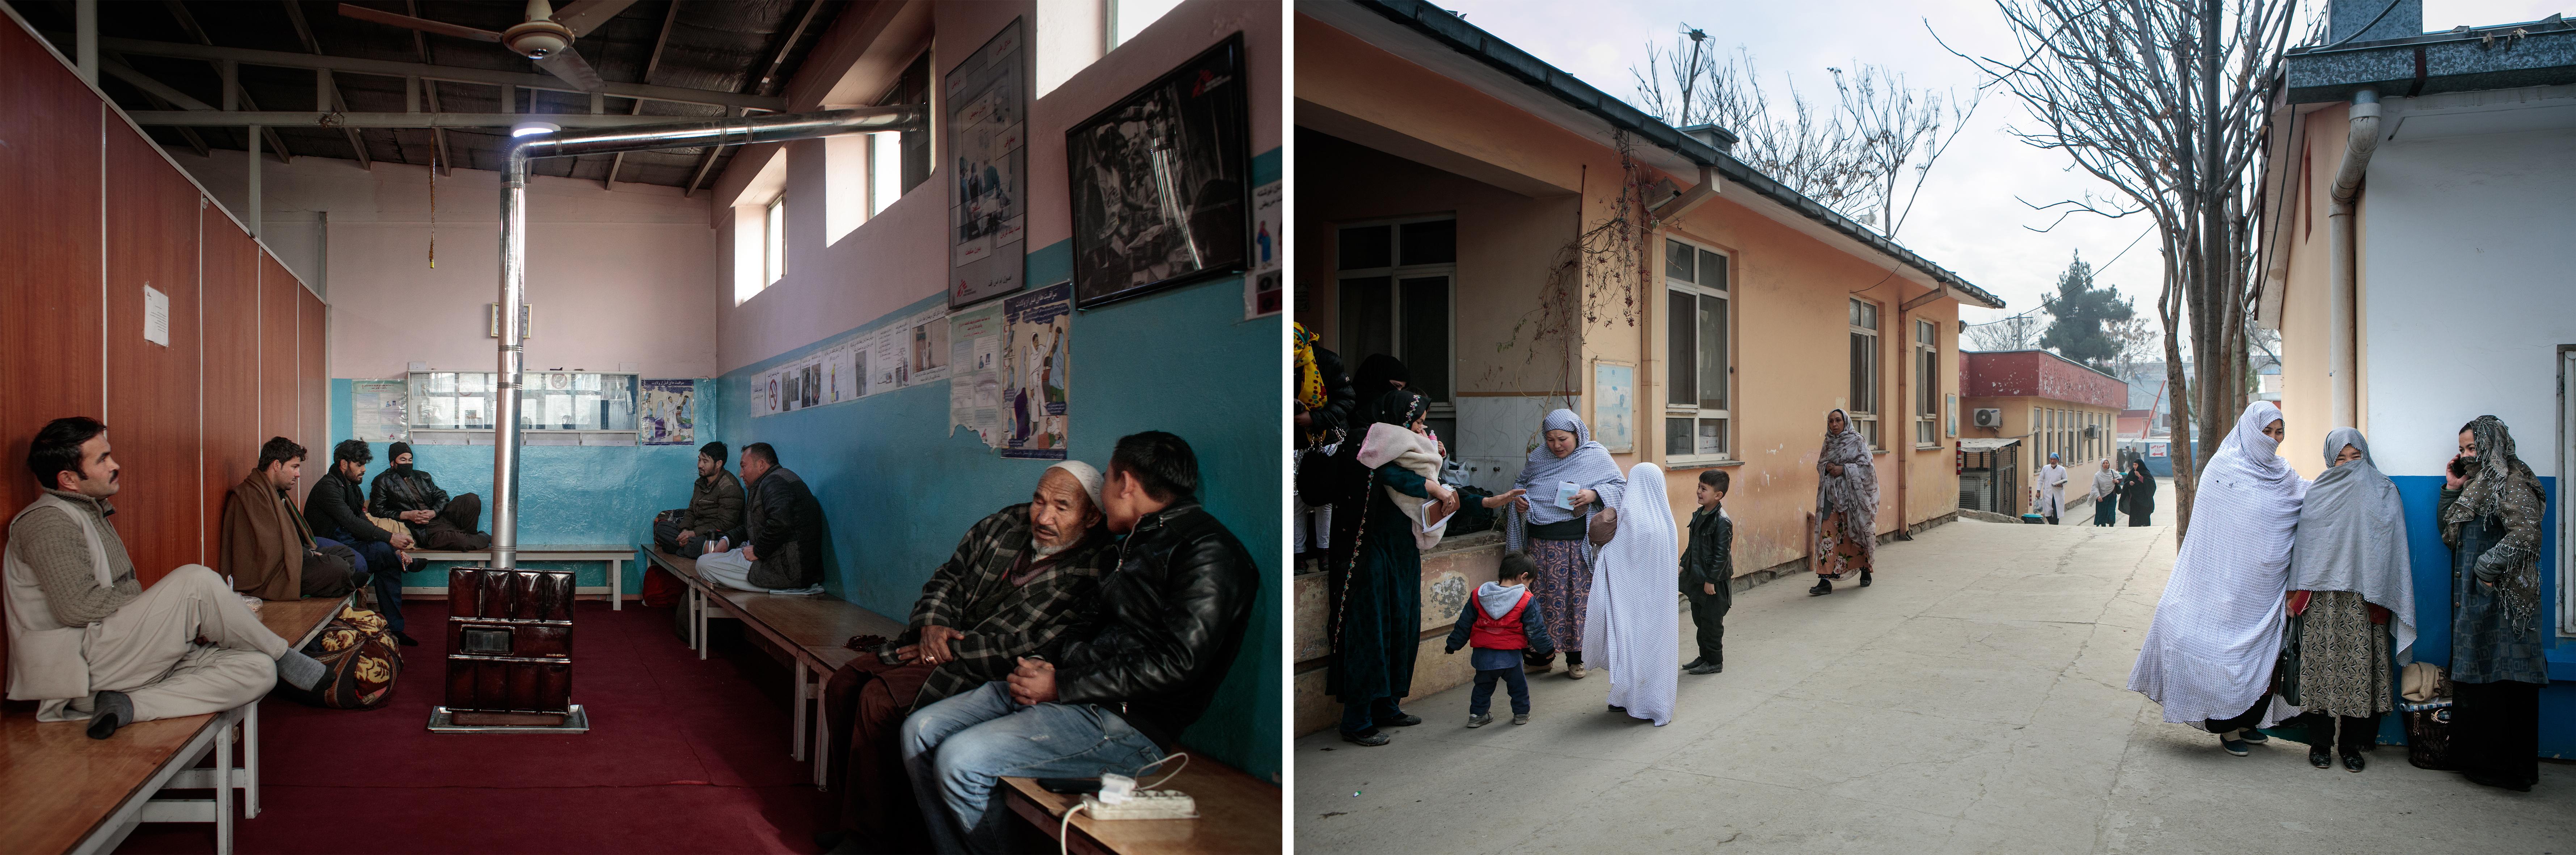 Gauche : salle d'attente réservée aux hommes. Droite :allées de l'hôpital dans lequel la maternité MSF est installée.